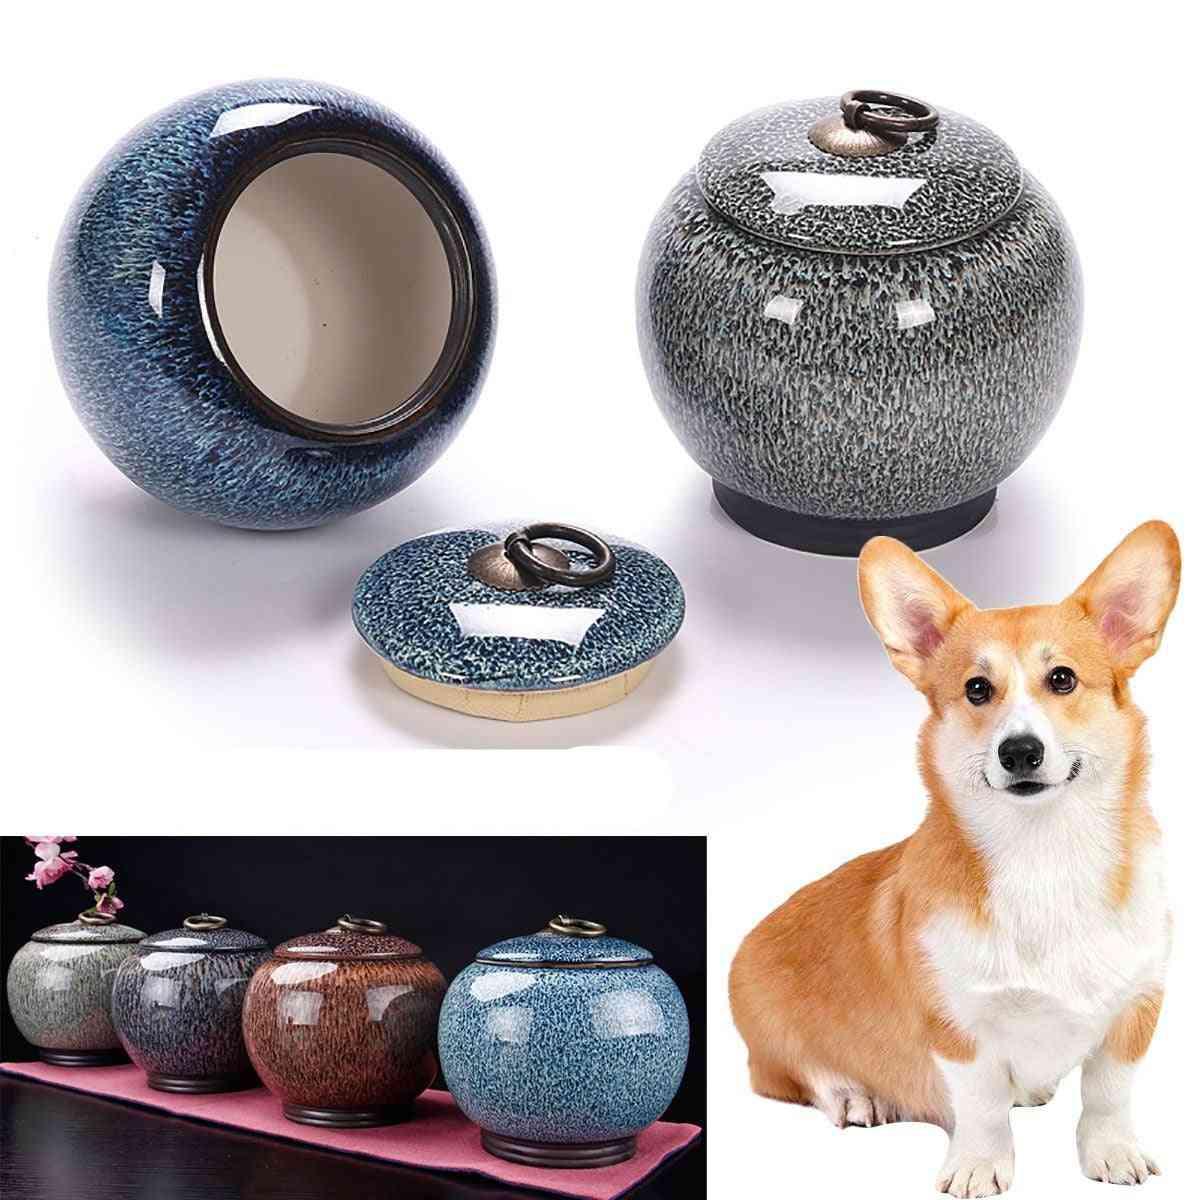 Cremation Pet Ashes, Ceramics Memory Pal, Urns Casket Holder For Dog, Cat Bird